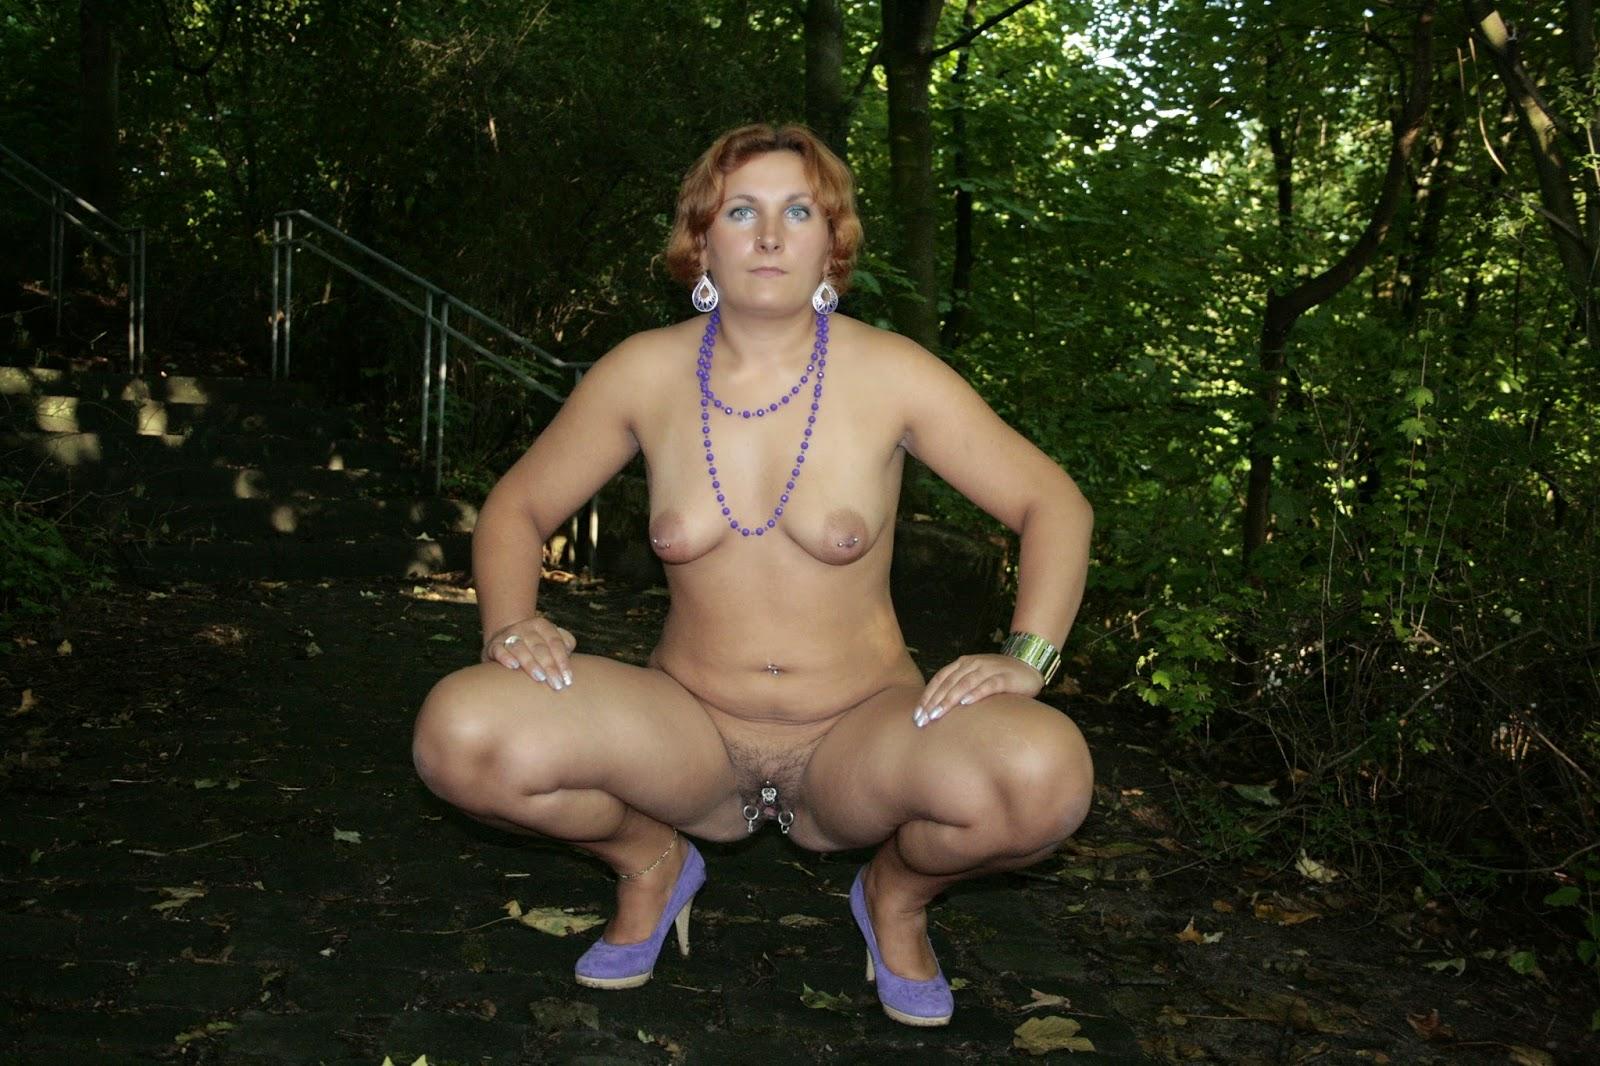 Girl mature forest transvestite dildo sextoy sounding urethral 95 7